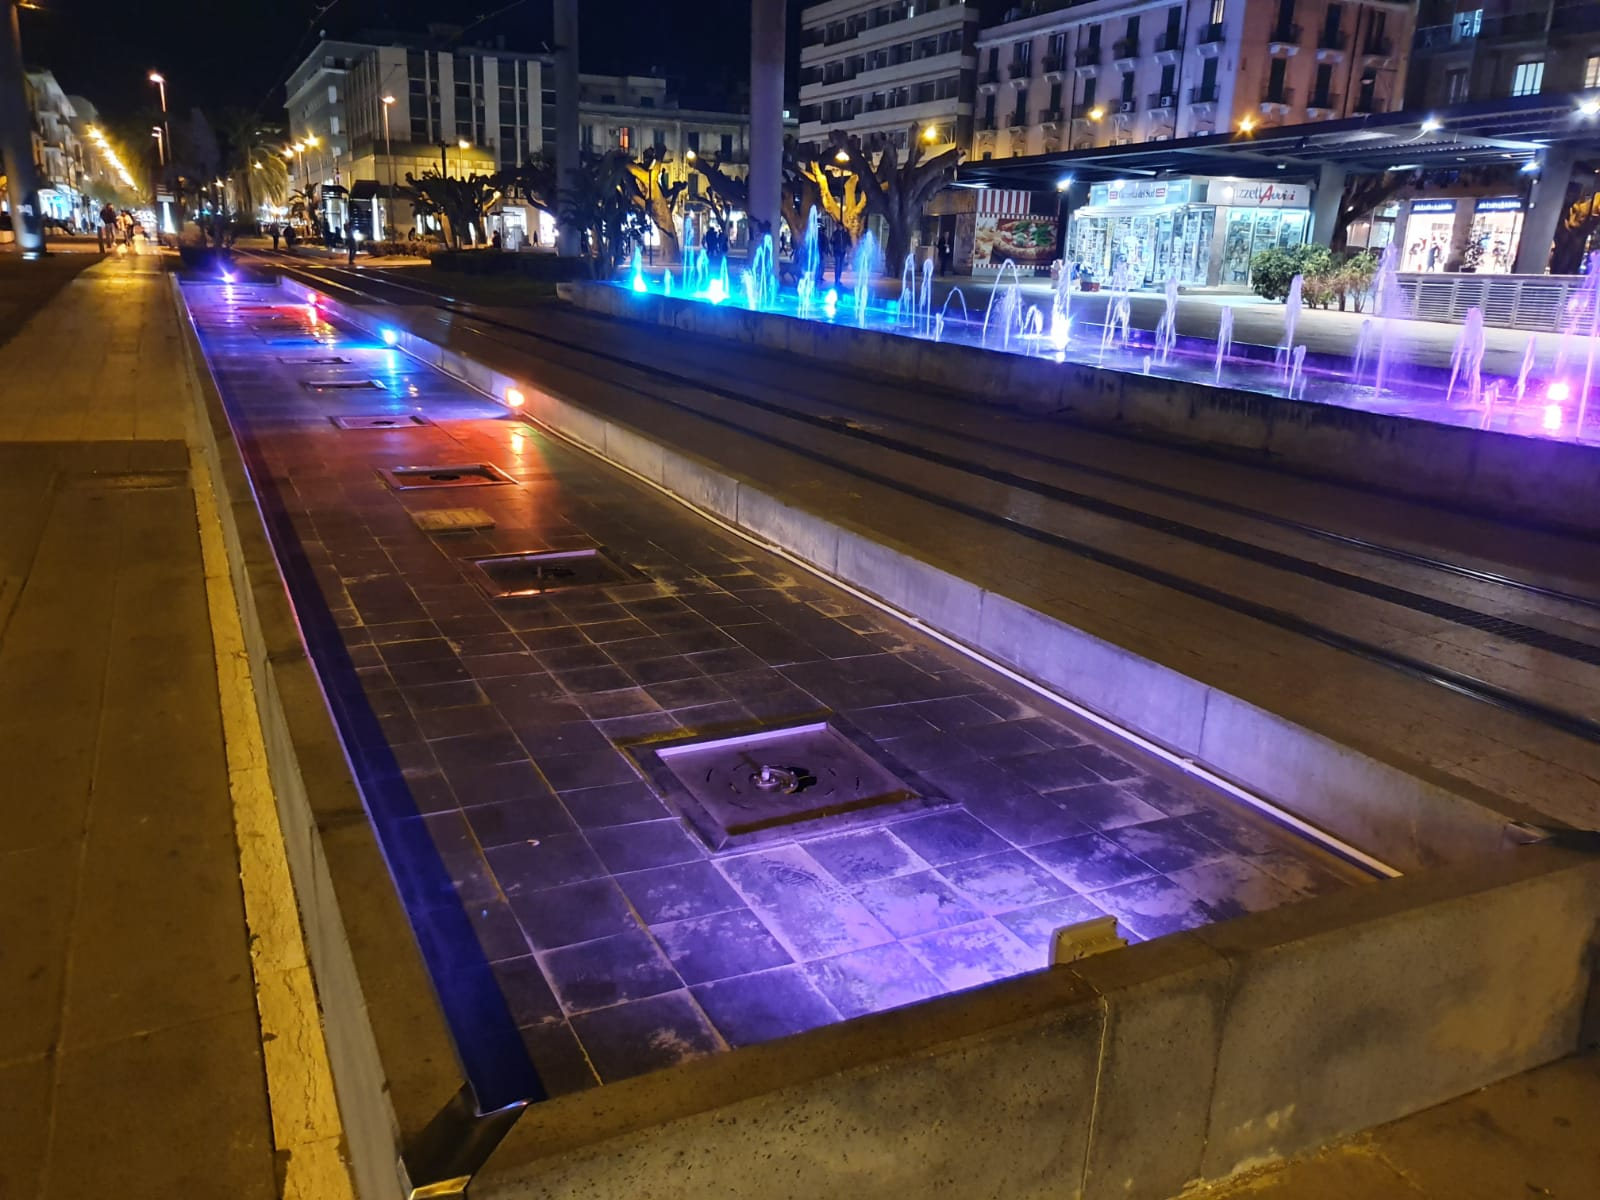 La fontana di piazza Cairoli zampilla a metà: rotta dopo meno di due mesi